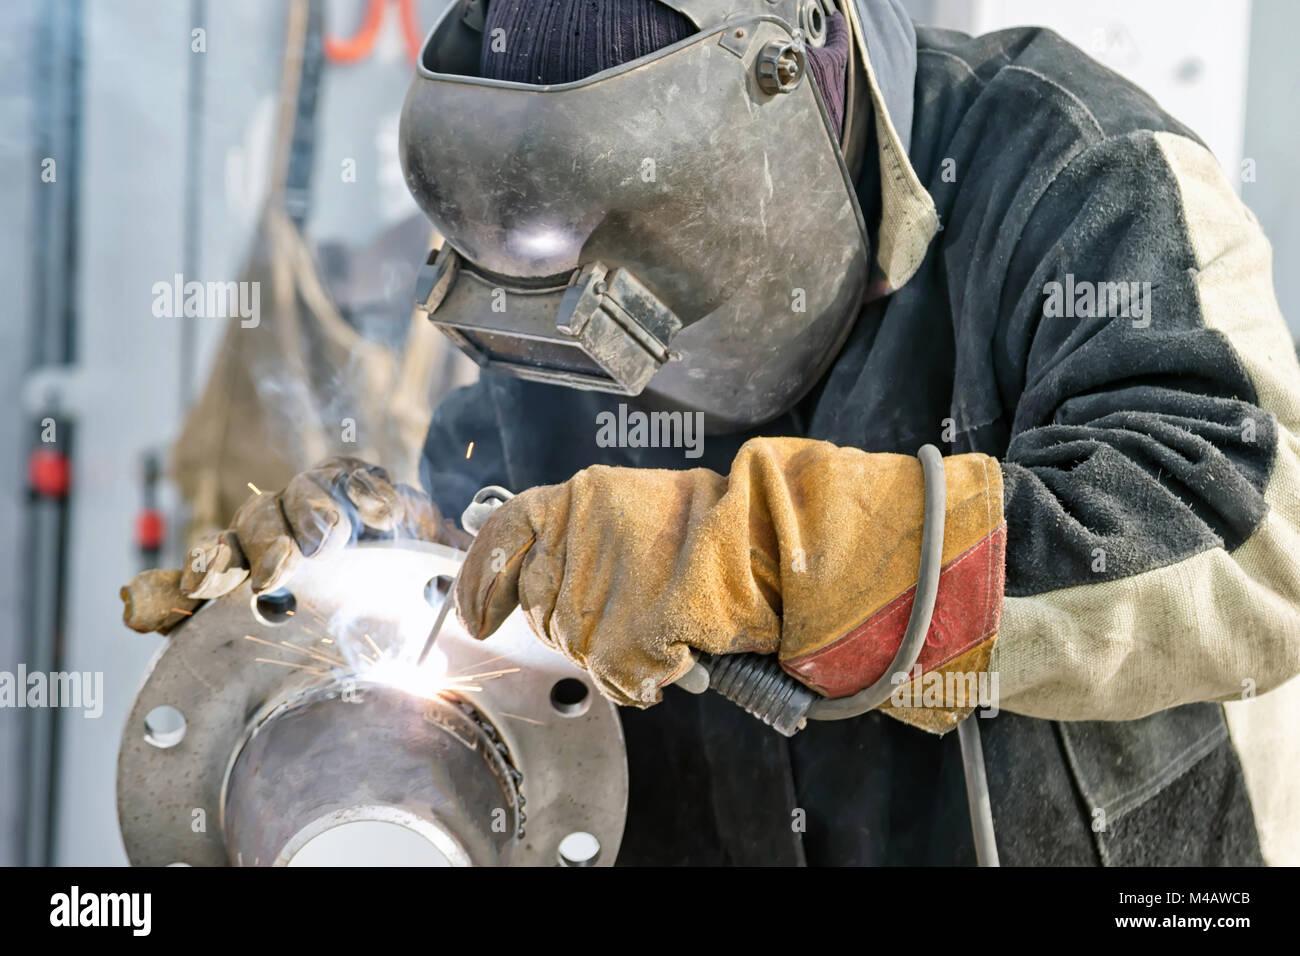 Schweißarbeiten auf die Herstellung von Maschinen und Teile von Pipelines Stockbild